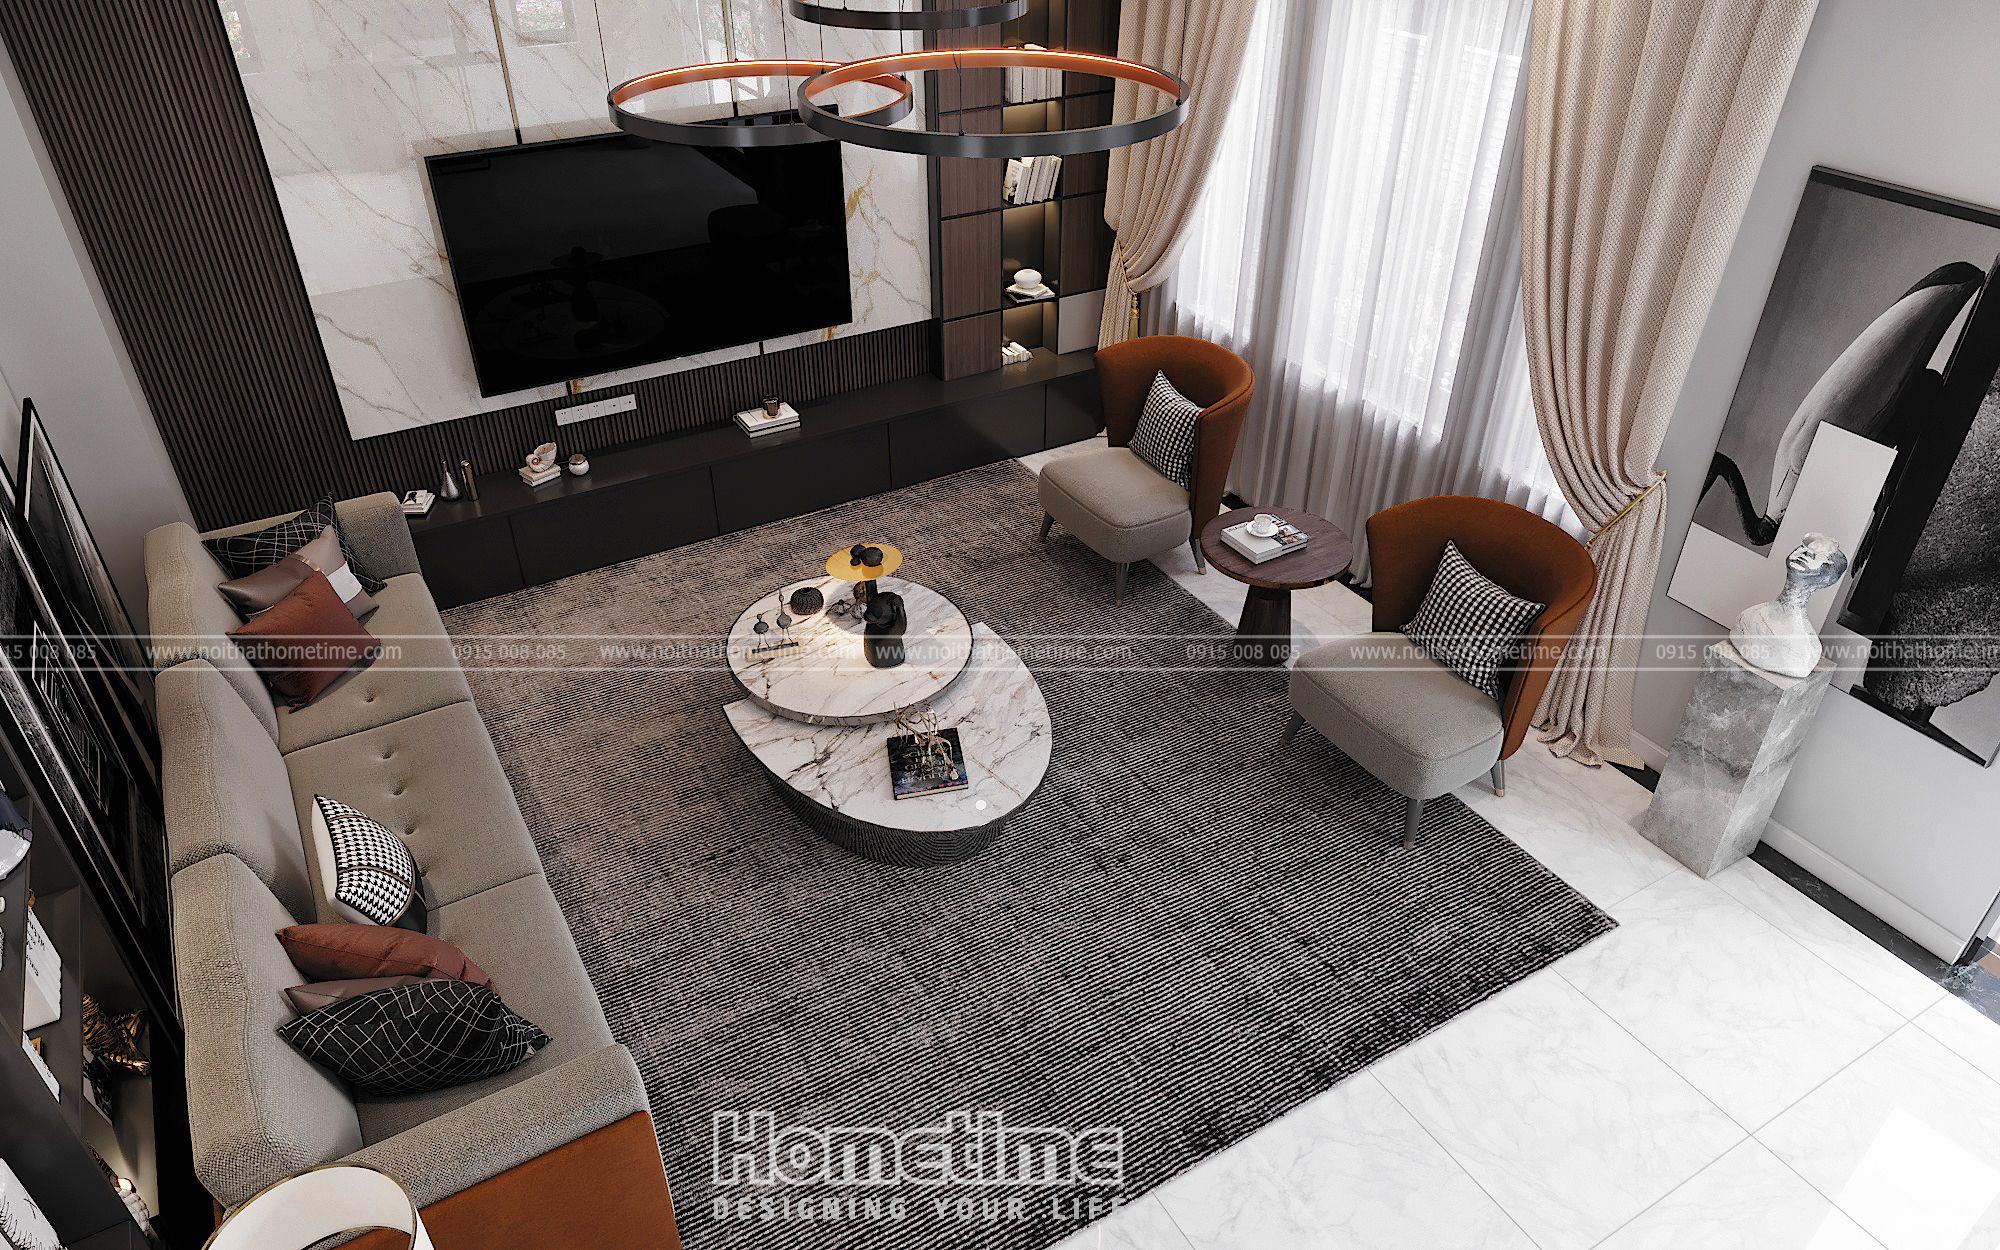 Tổng quan mẫu thiết kế nội thất phòng khách hiện đại